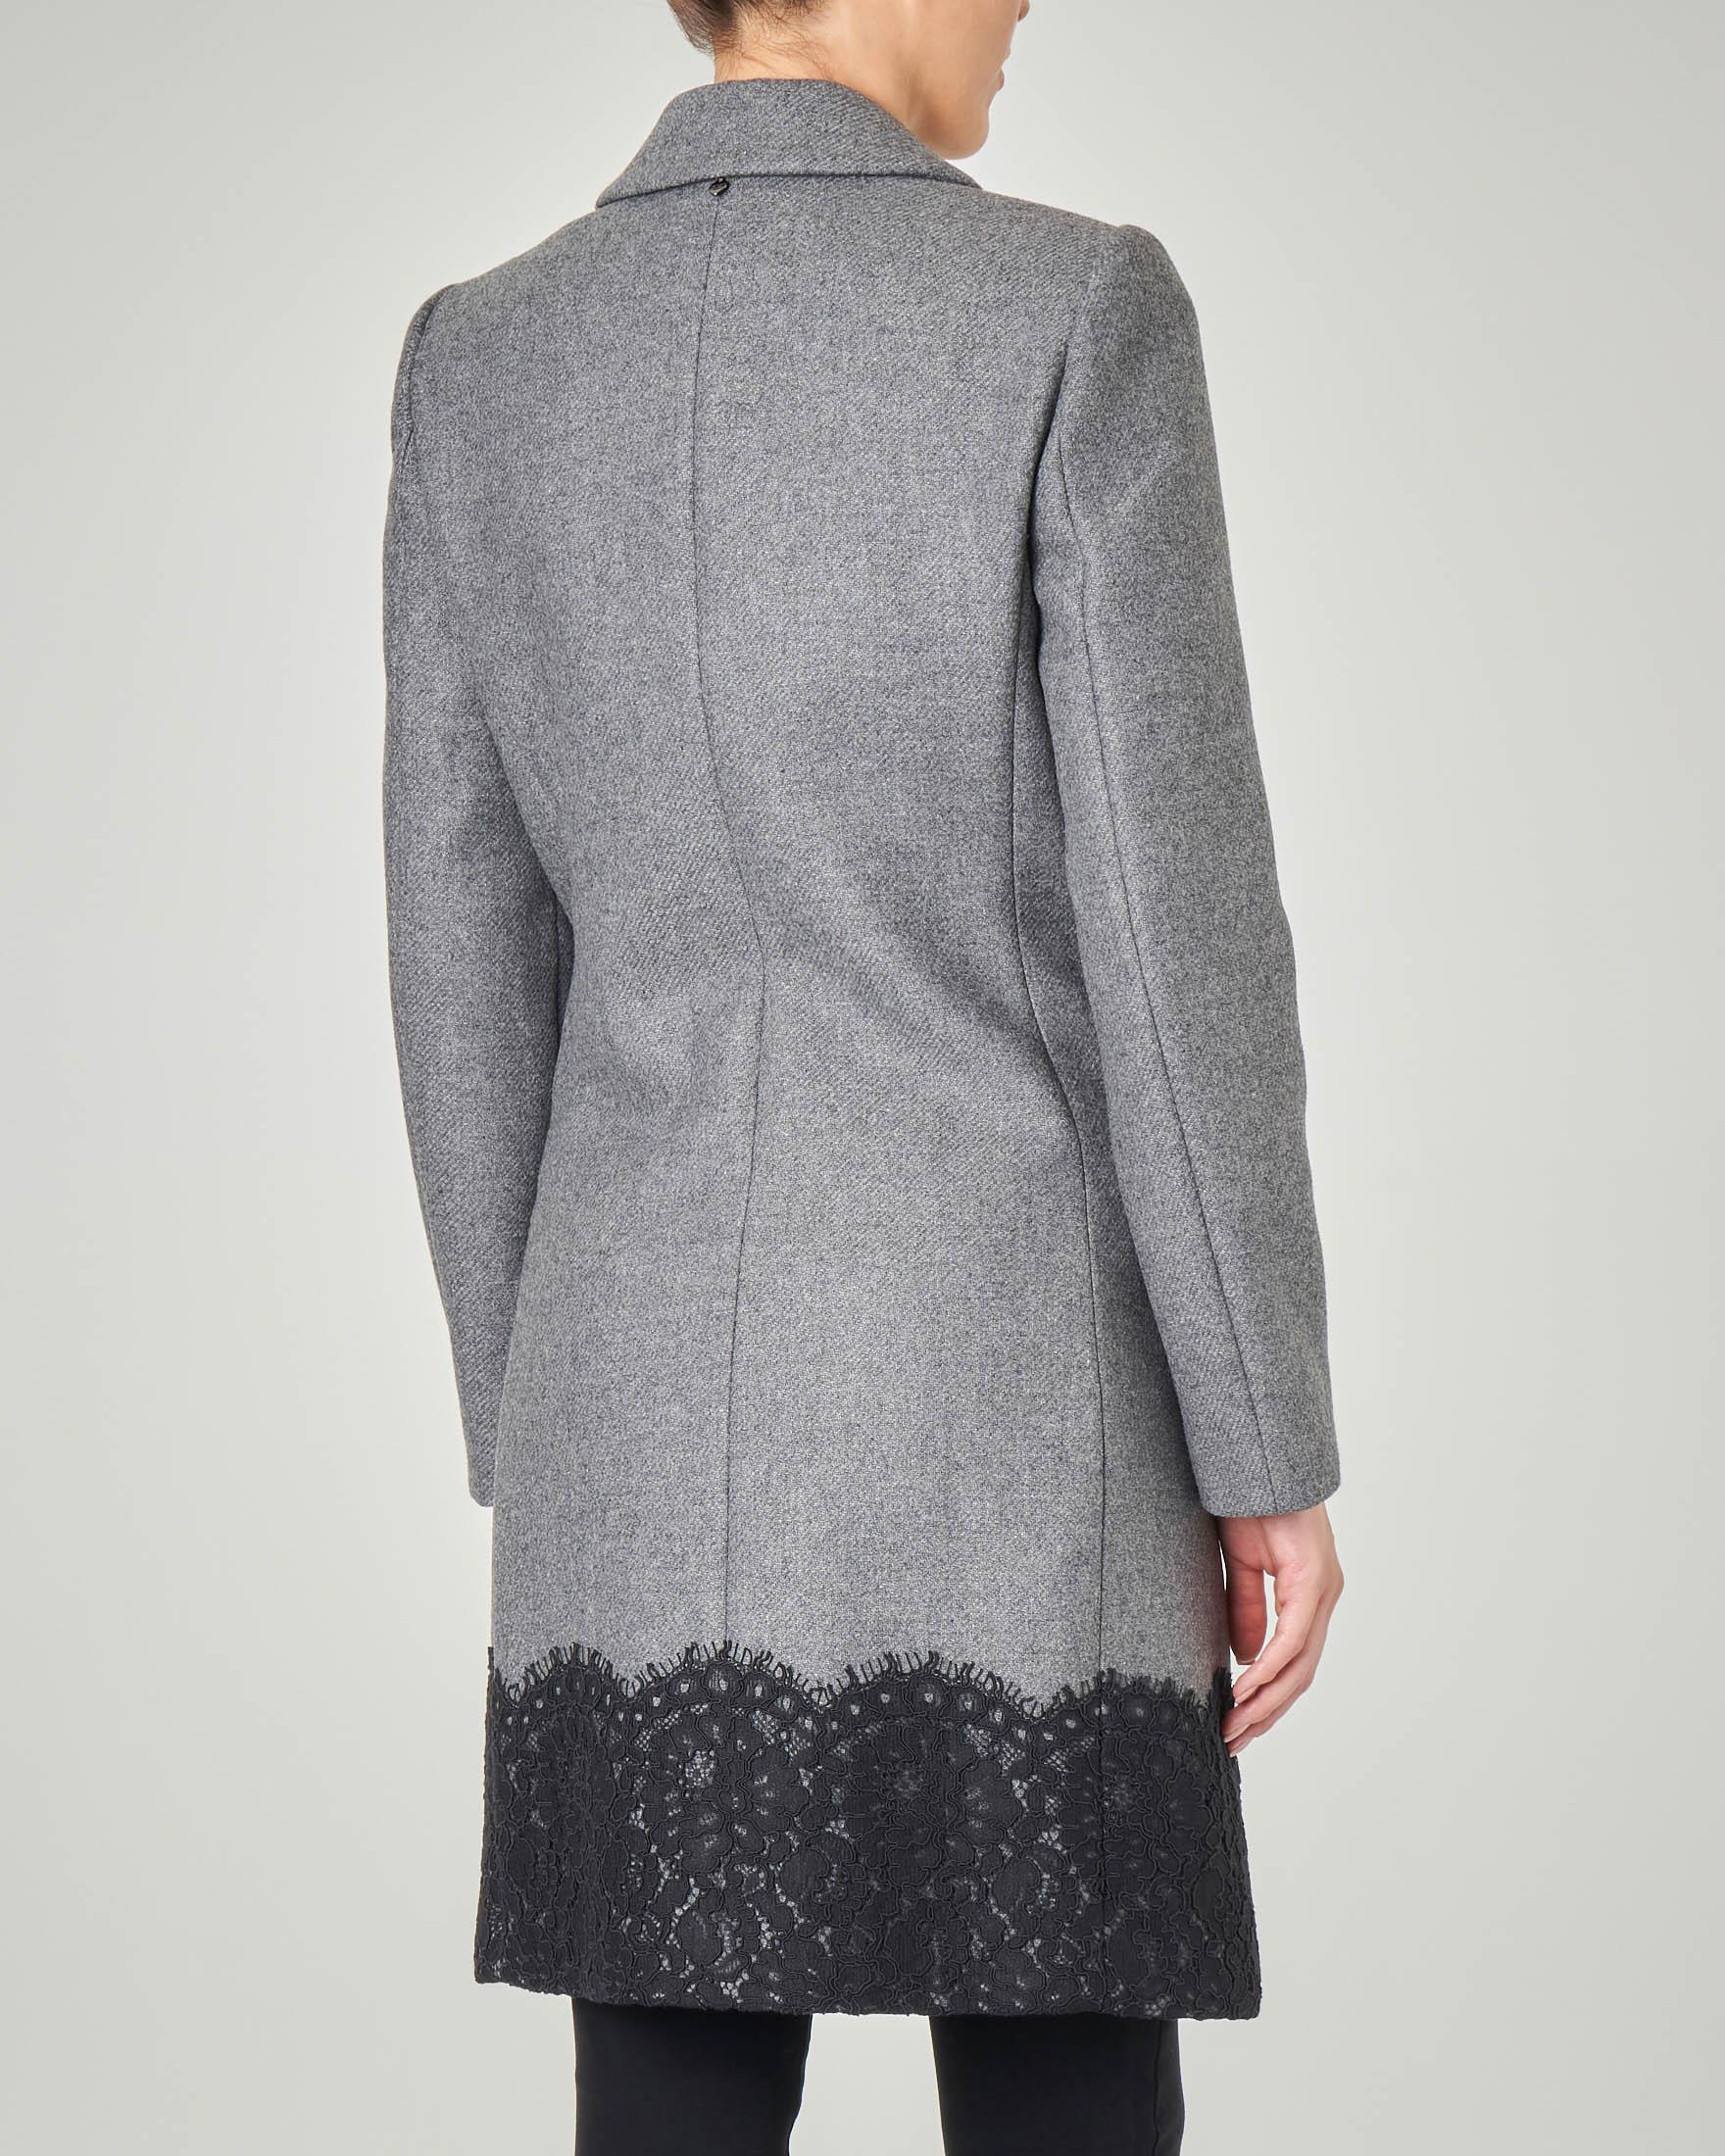 Cappotto in panno di misto lana grigio con applicazione pizzo macramè sul fondo e coccarda gioiello